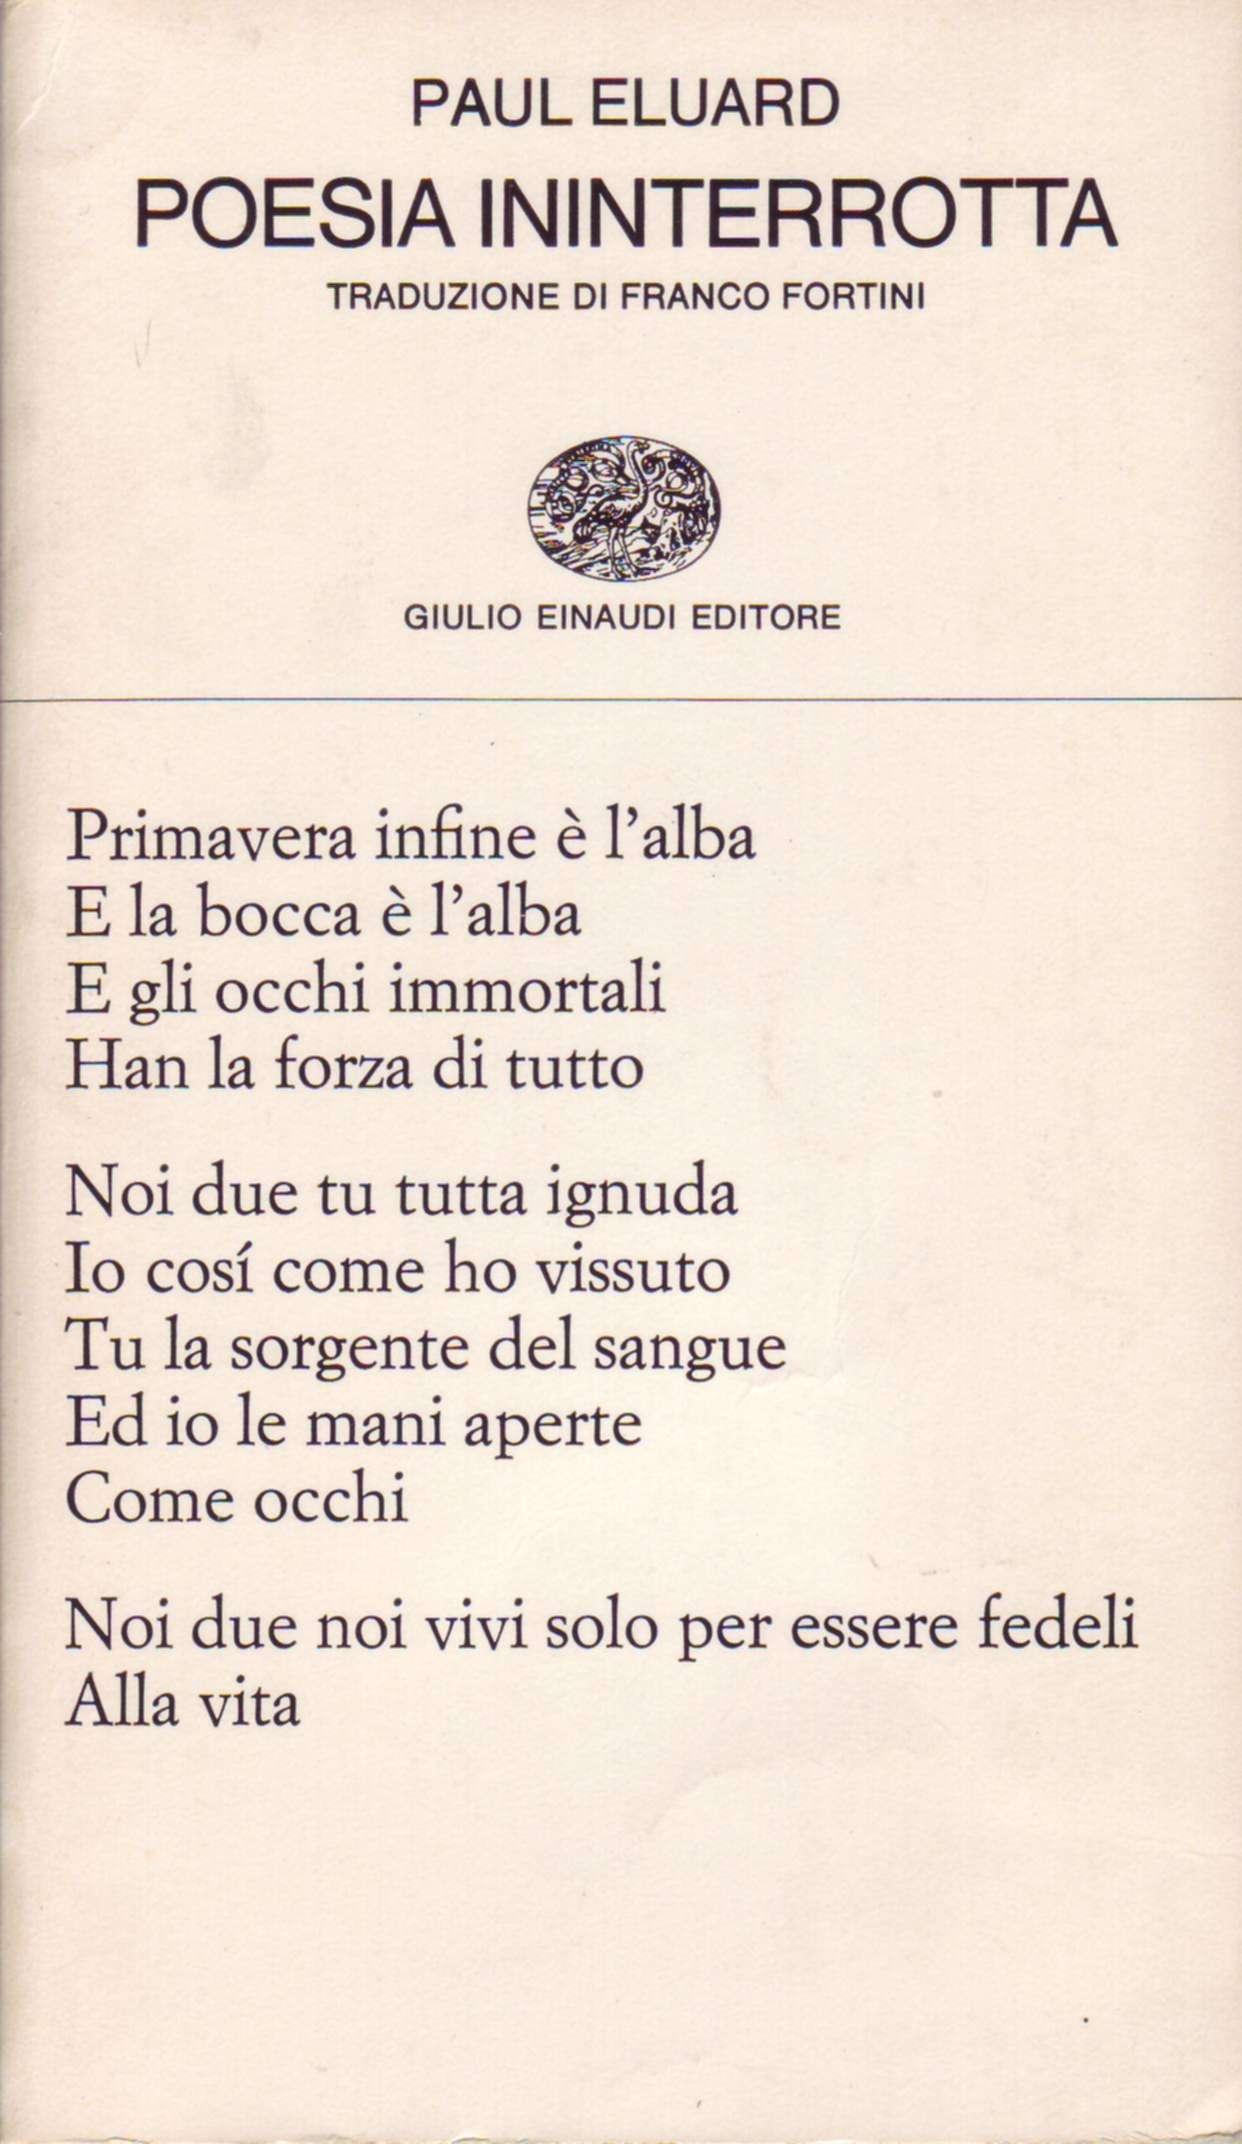 Poesia ininterrotta